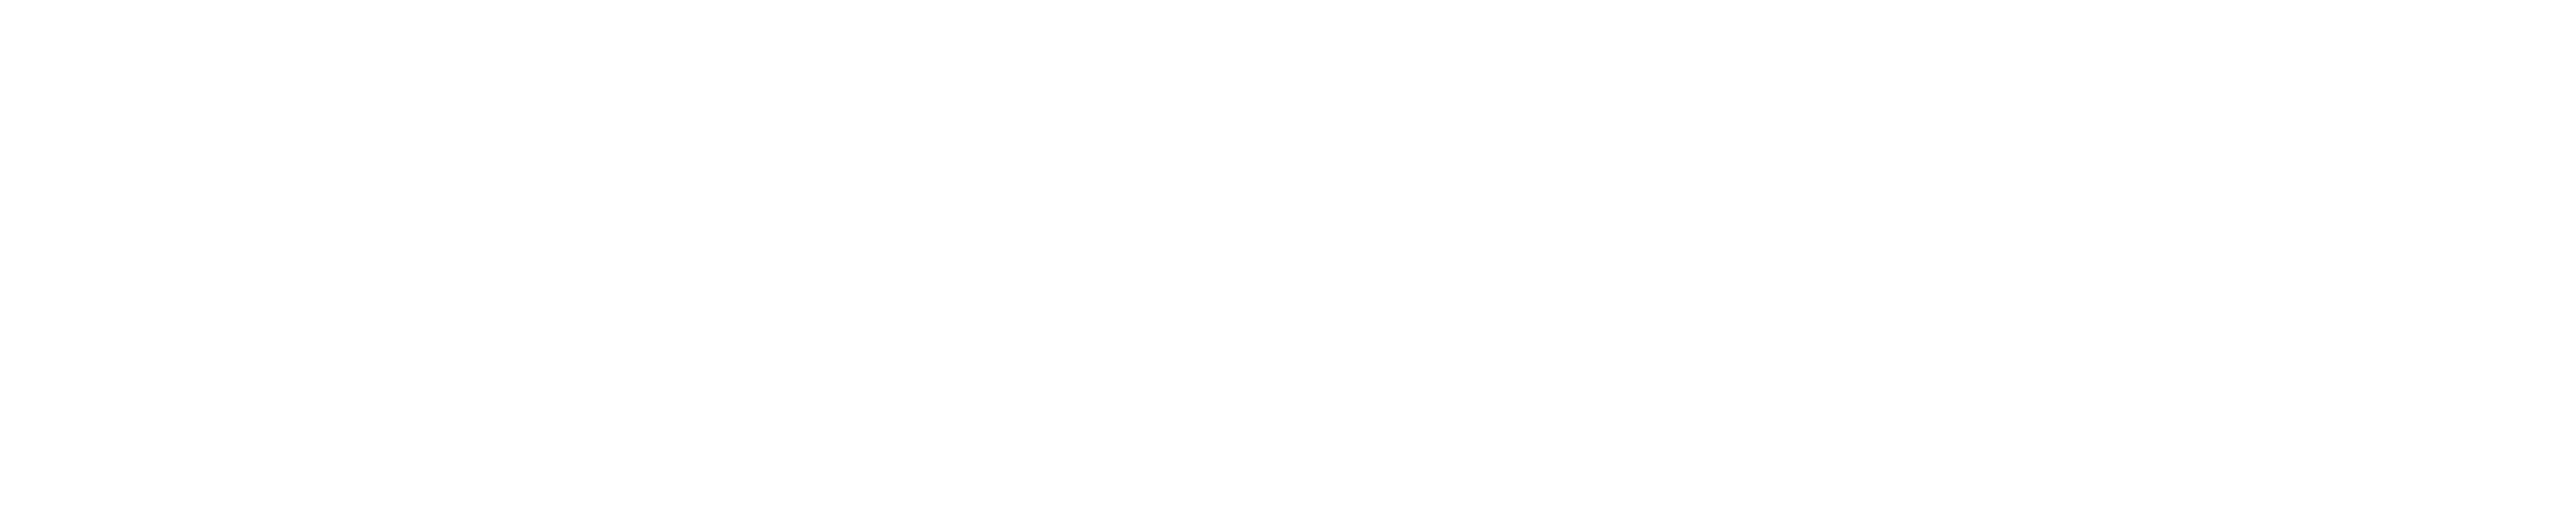 2iFilm